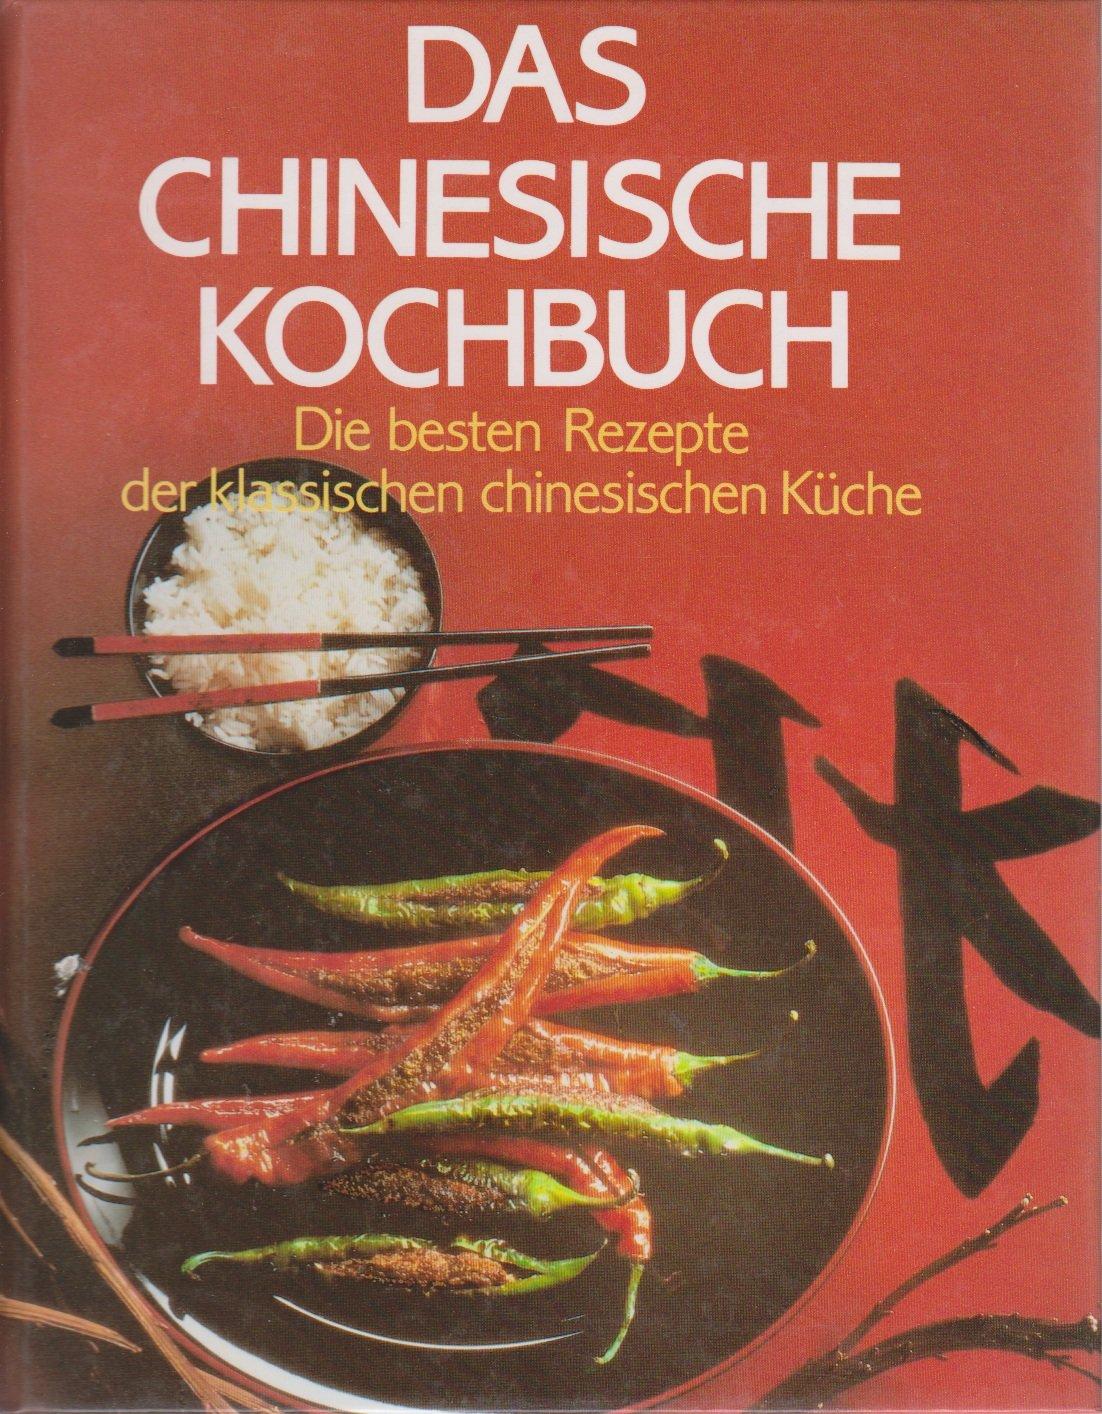 Das Chinesische Kochbuch. Die besten Rezepte der klassischen ...